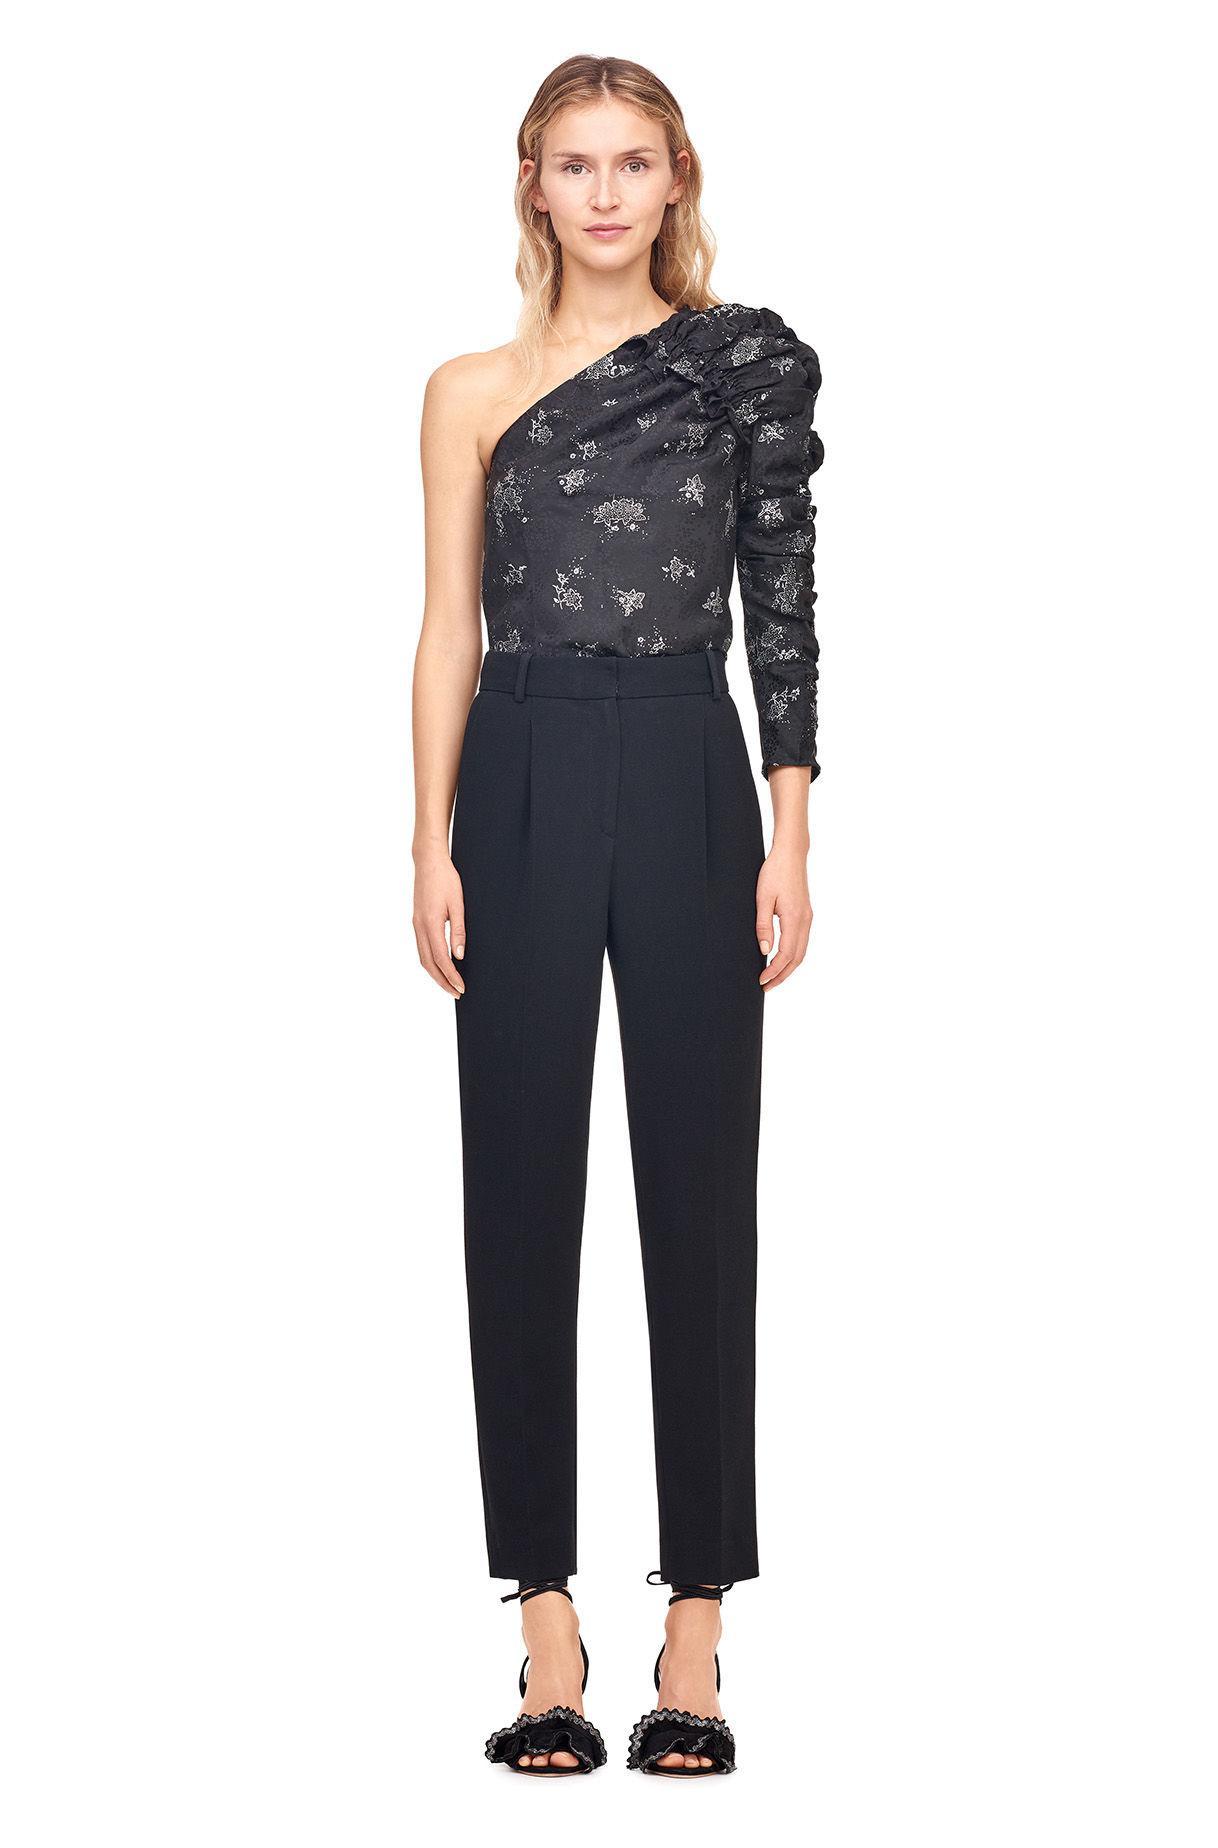 4e94a0e1a7a07 Lyst - Rebecca Taylor One-shoulder Glitter Print Top in Black